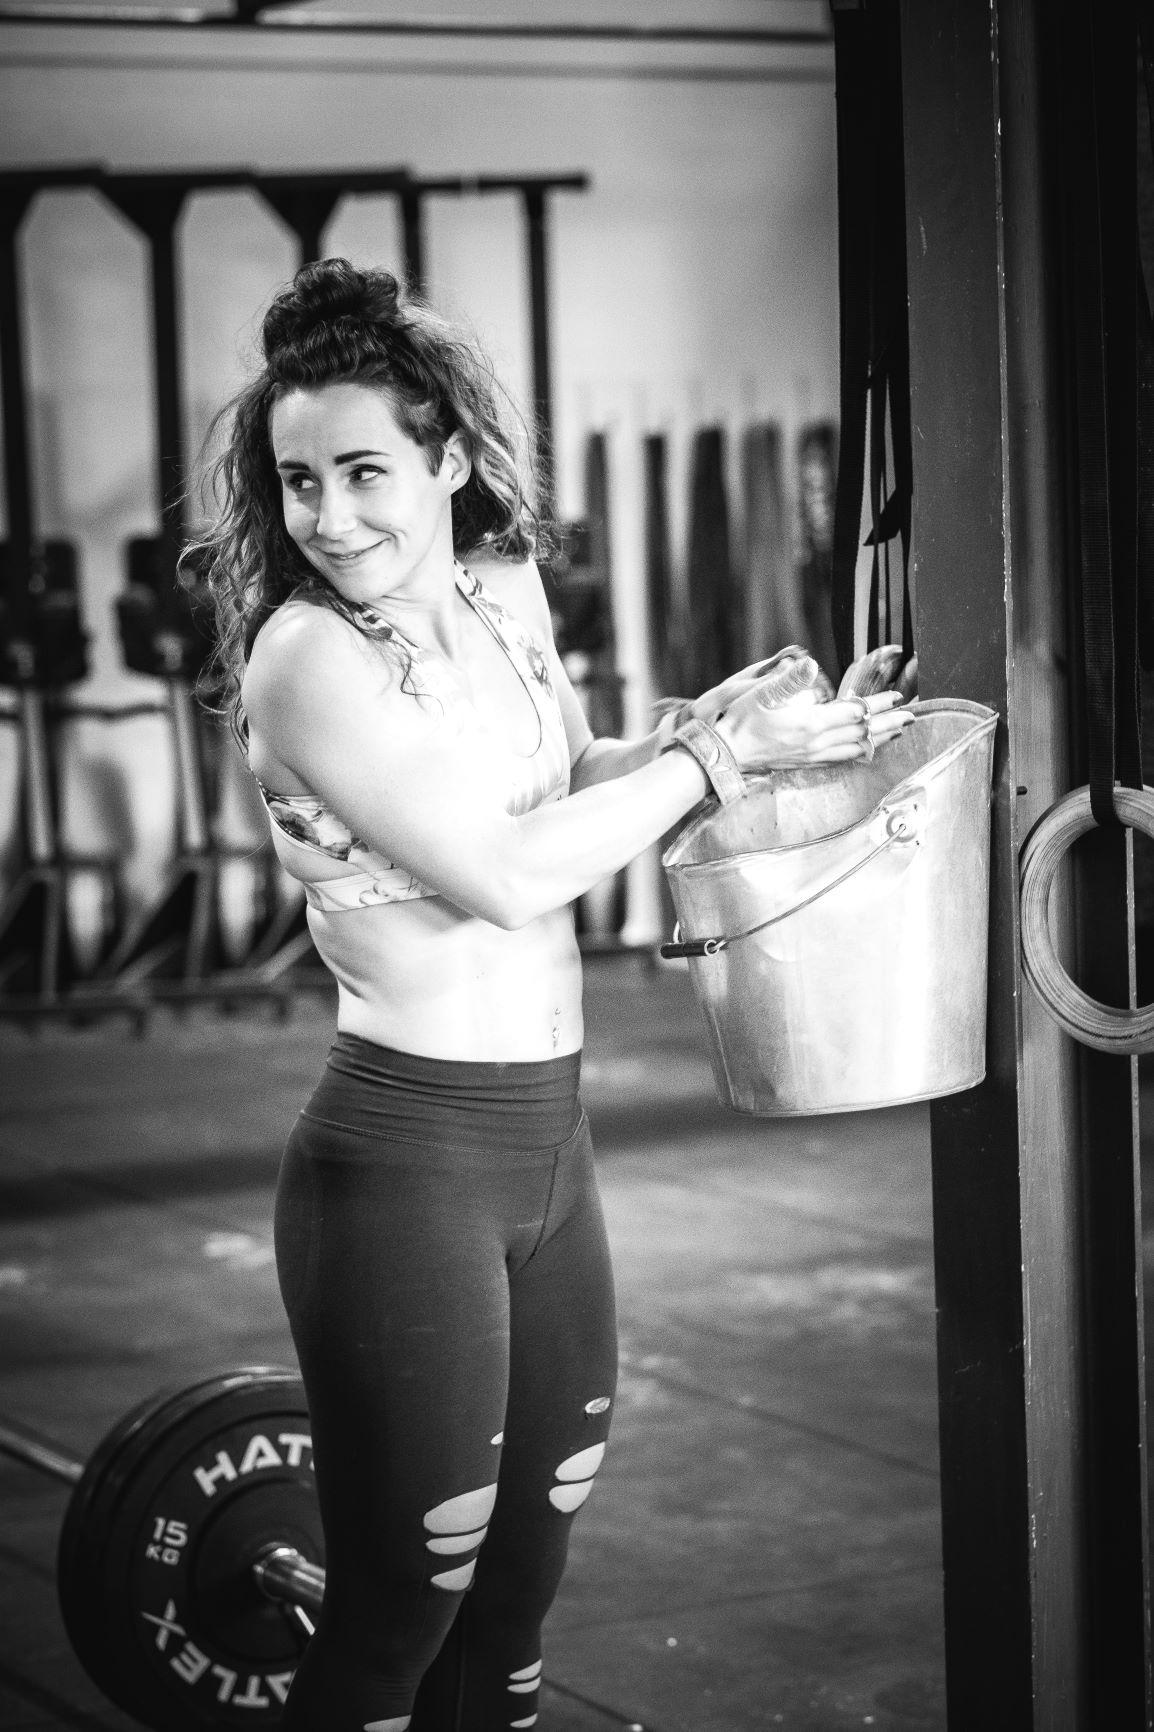 photographe-clermont-femme-portrait-sport